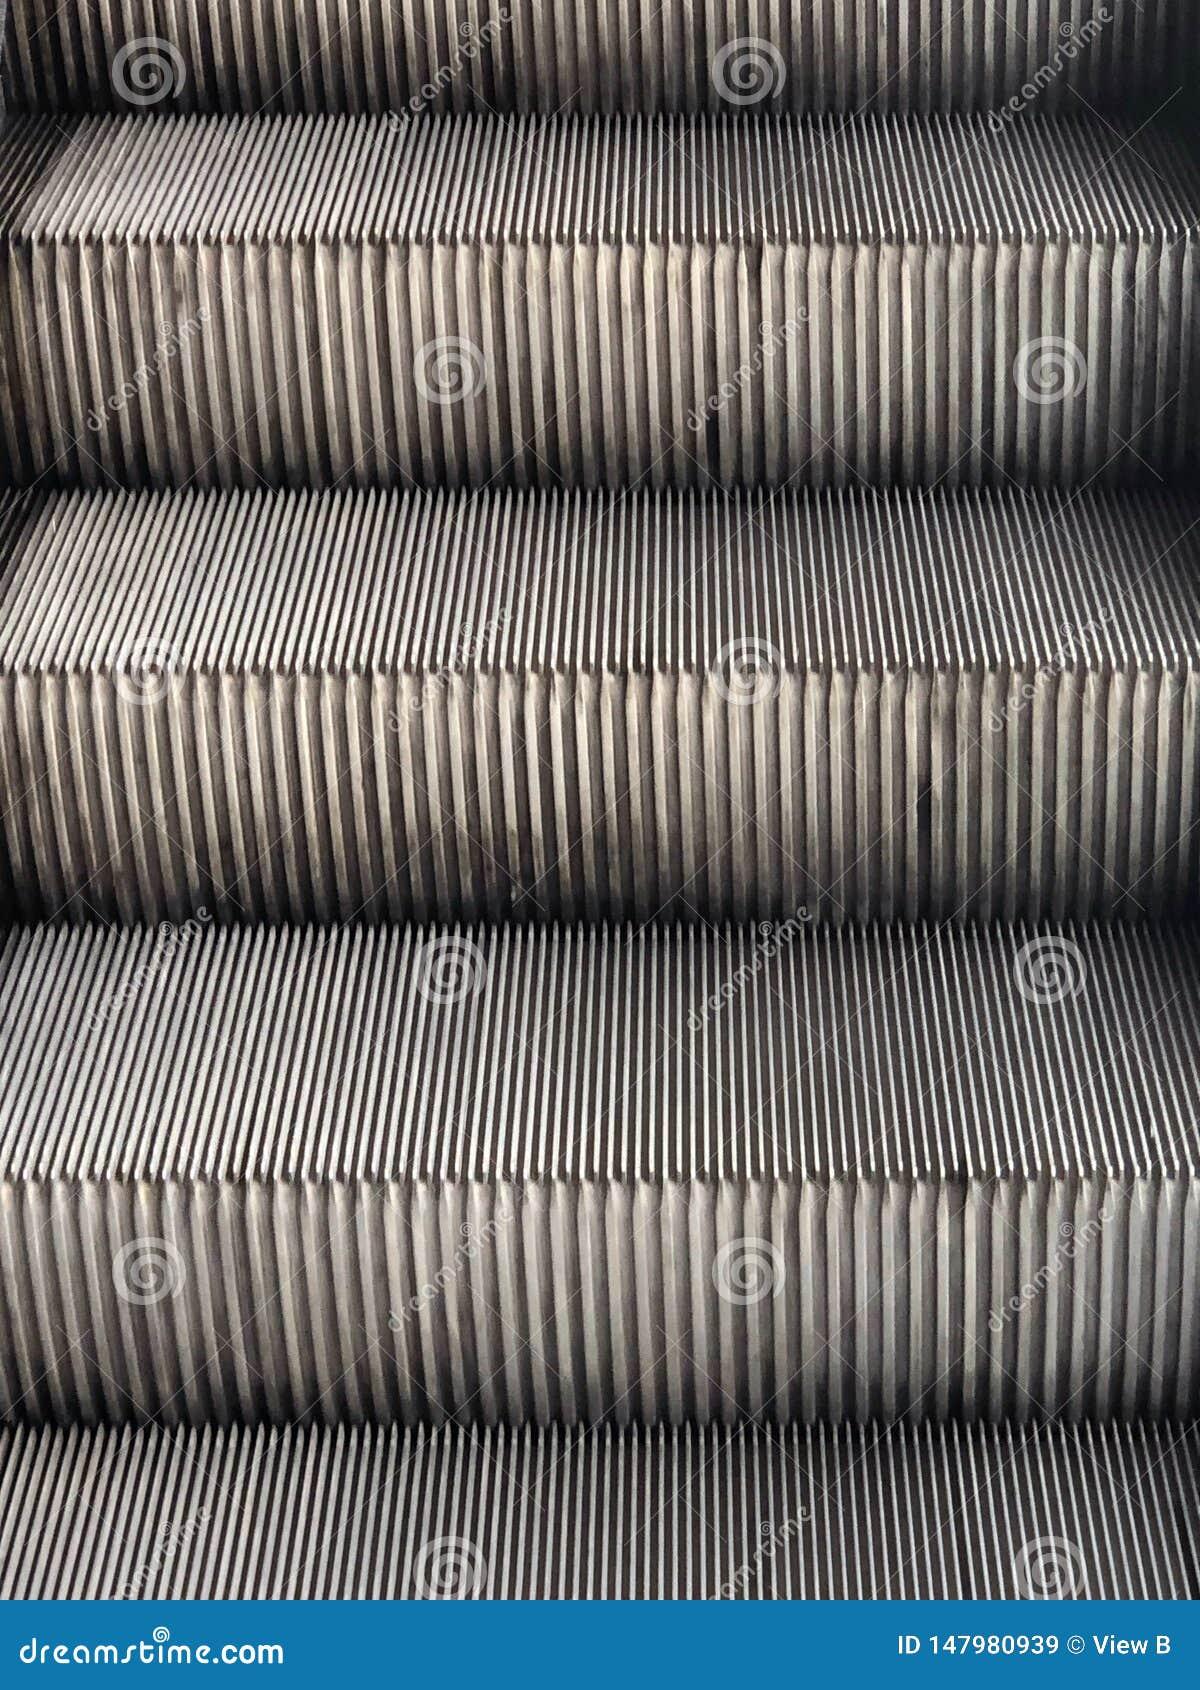 Detalles de los pasos de escalera m?vil